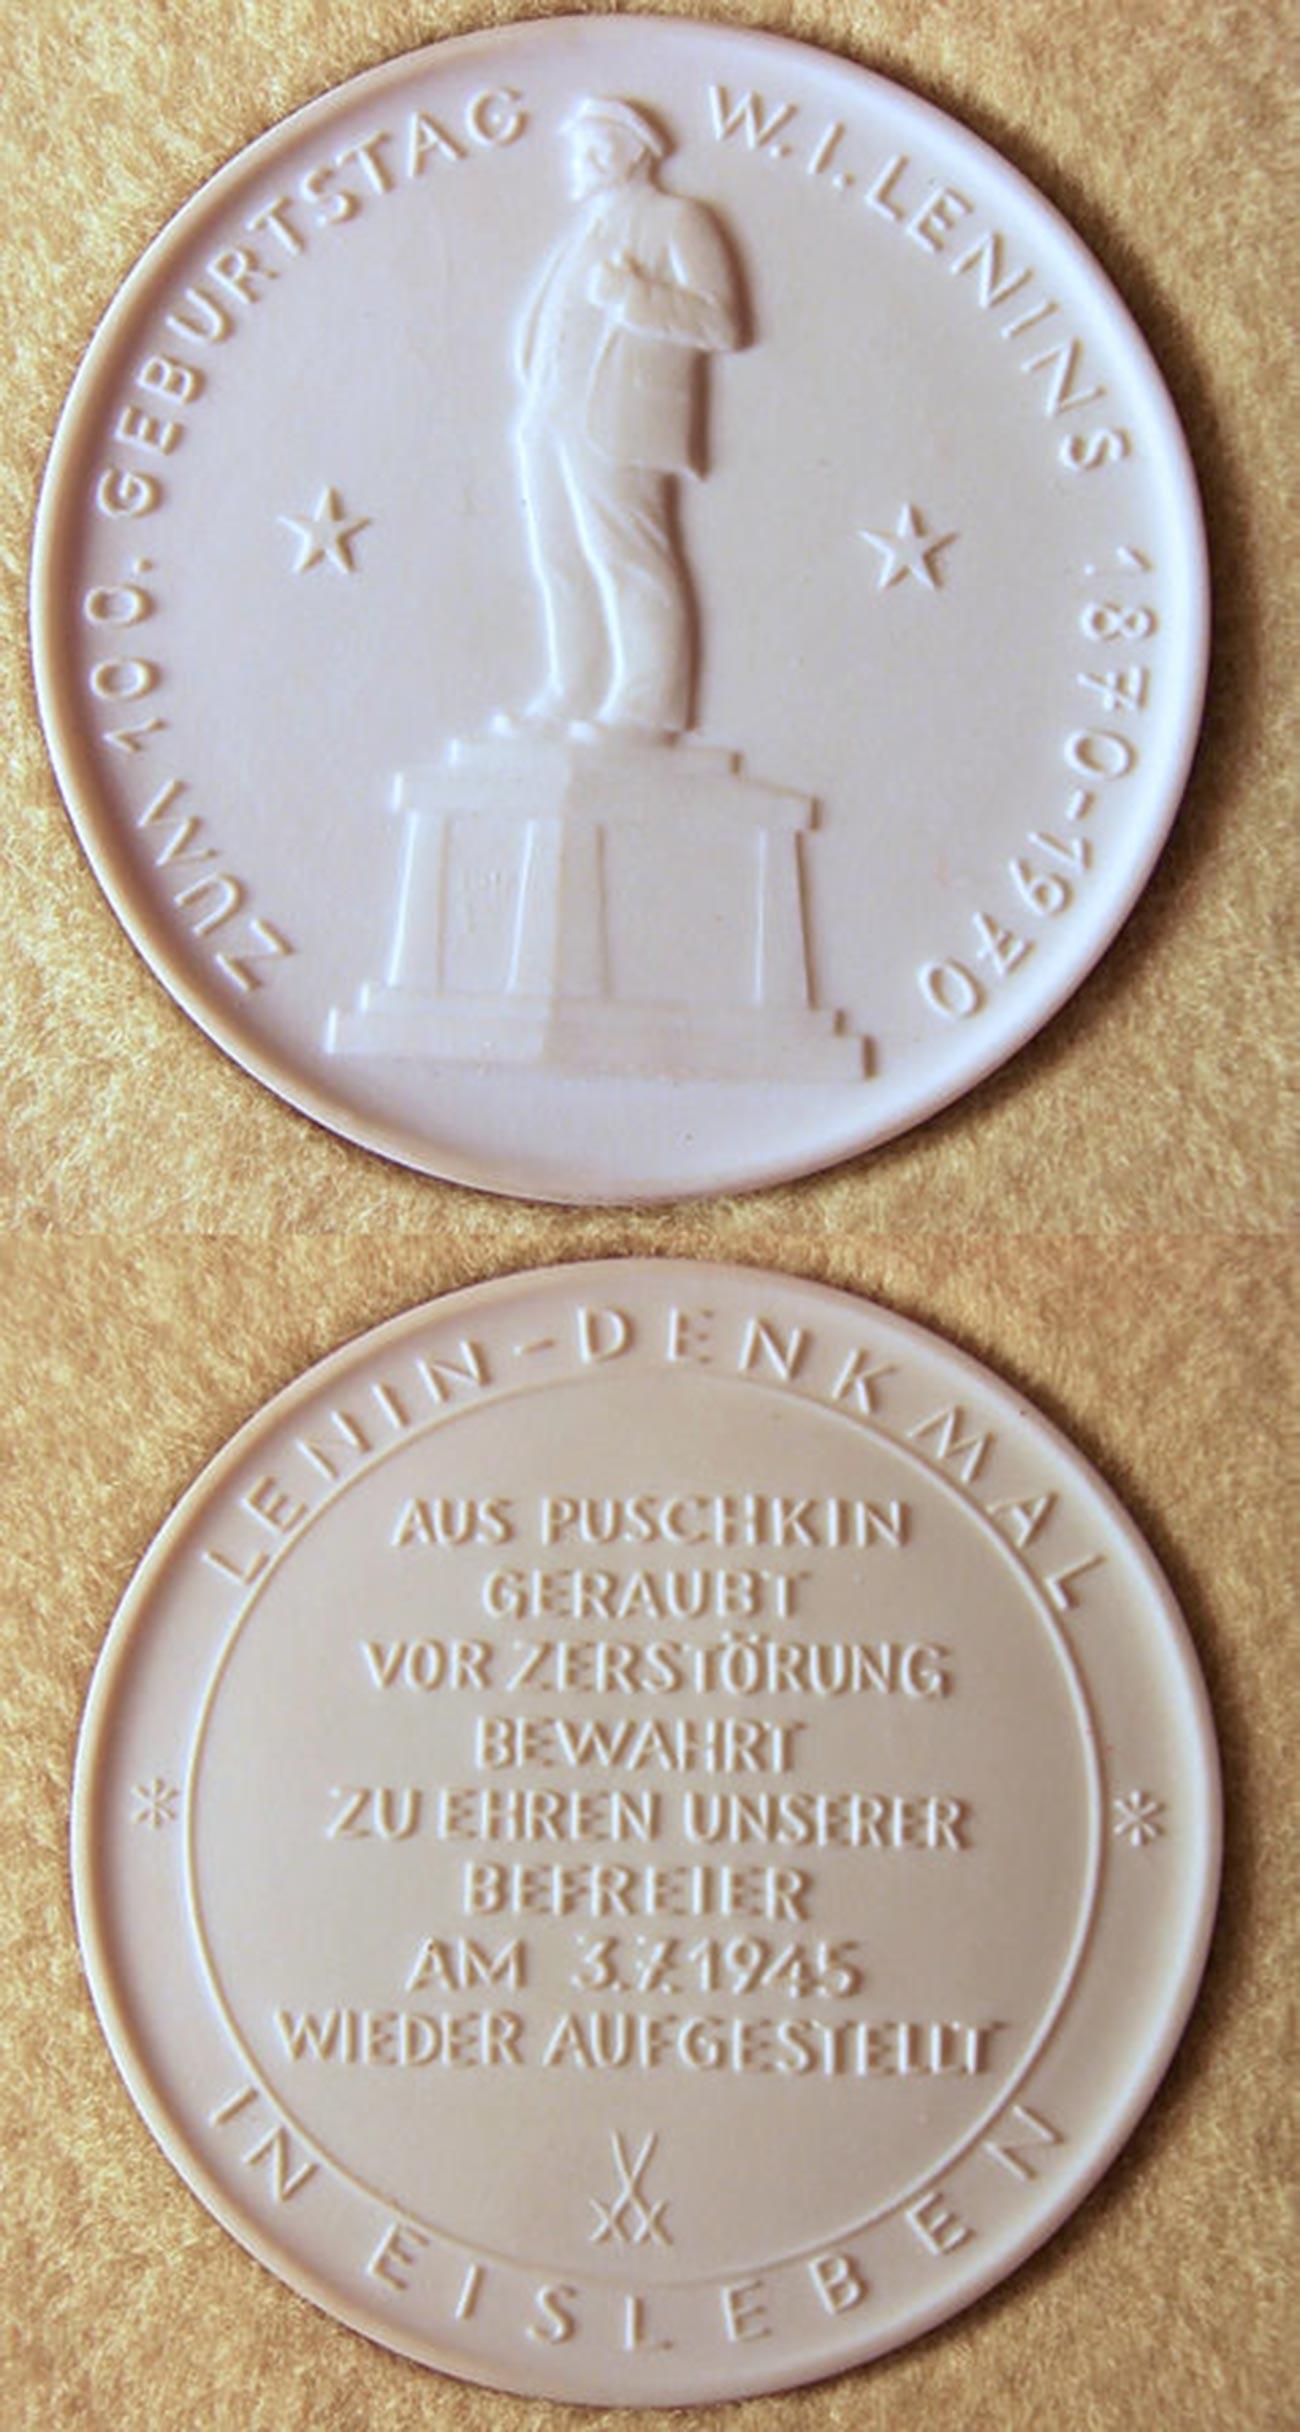 Médaille commémorative en porcelaine de Meissen en l'honneur du 100e anniversaire de la naissance du dirigeant soviétique avec l'image du monument à Lénine à Eisleben